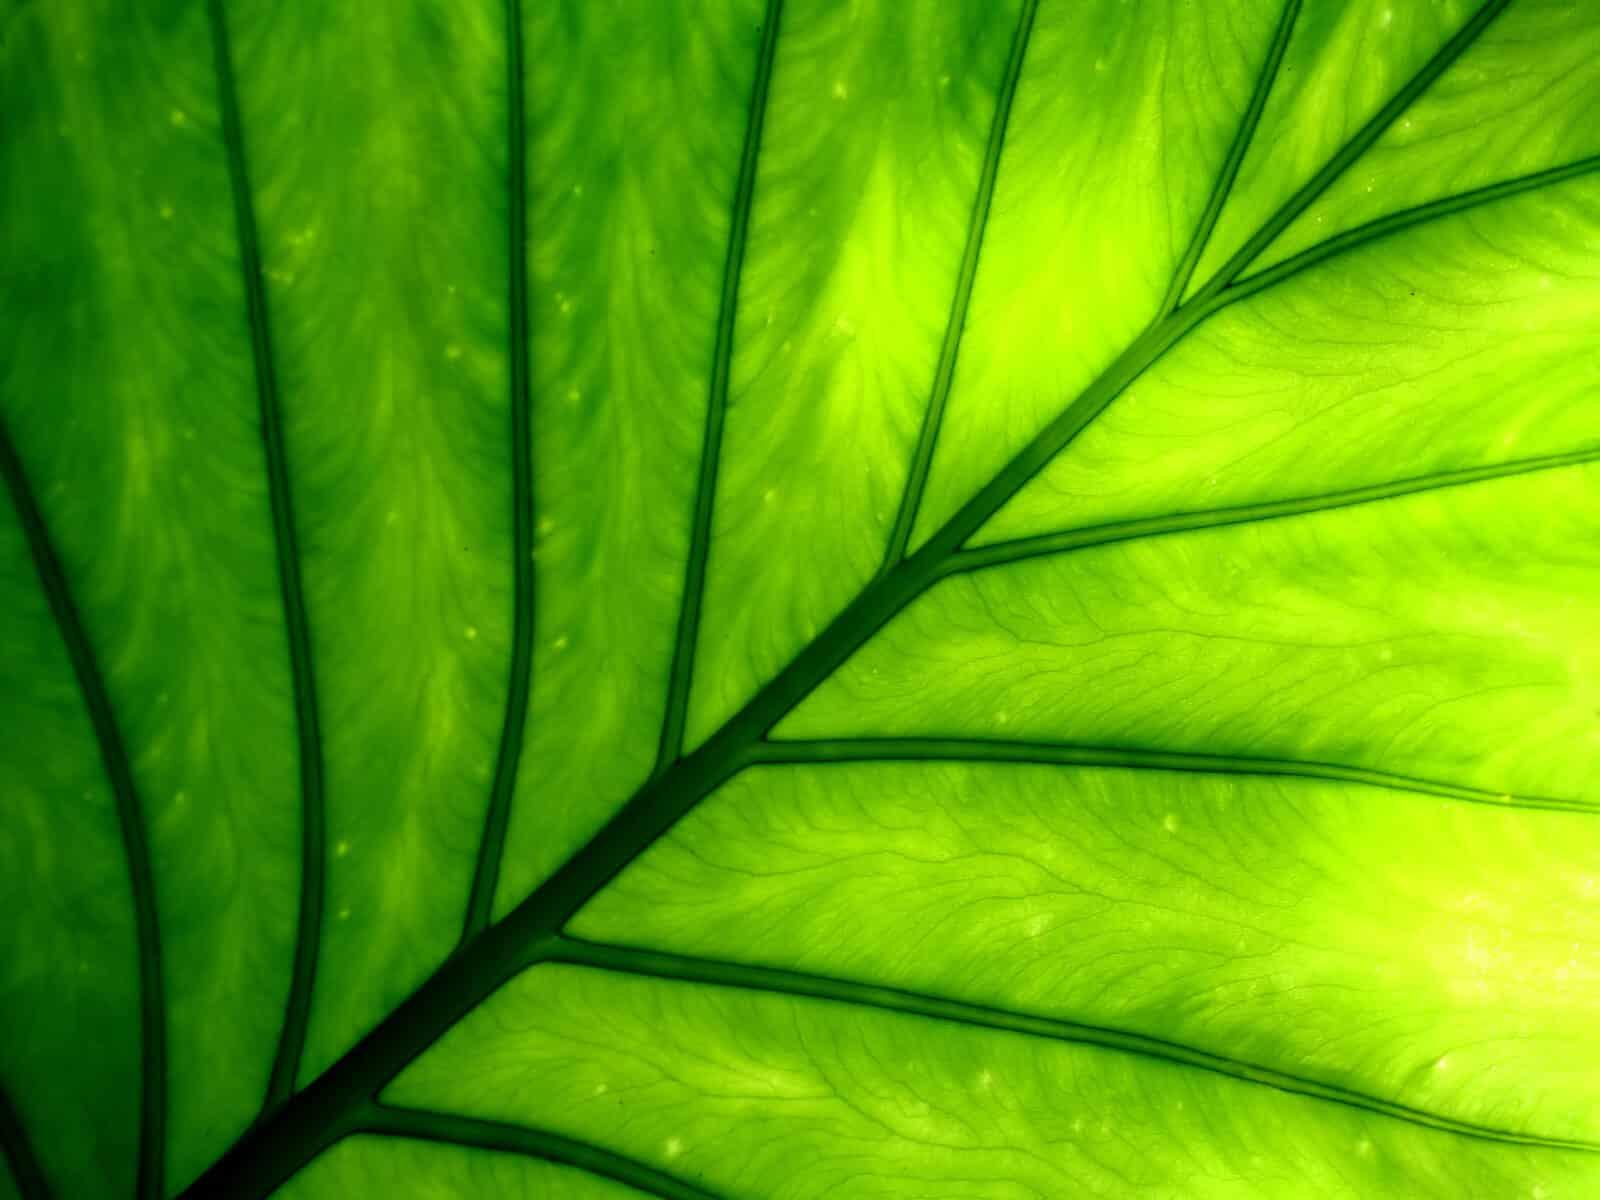 chlorophyll-1-1600x1200-1997923